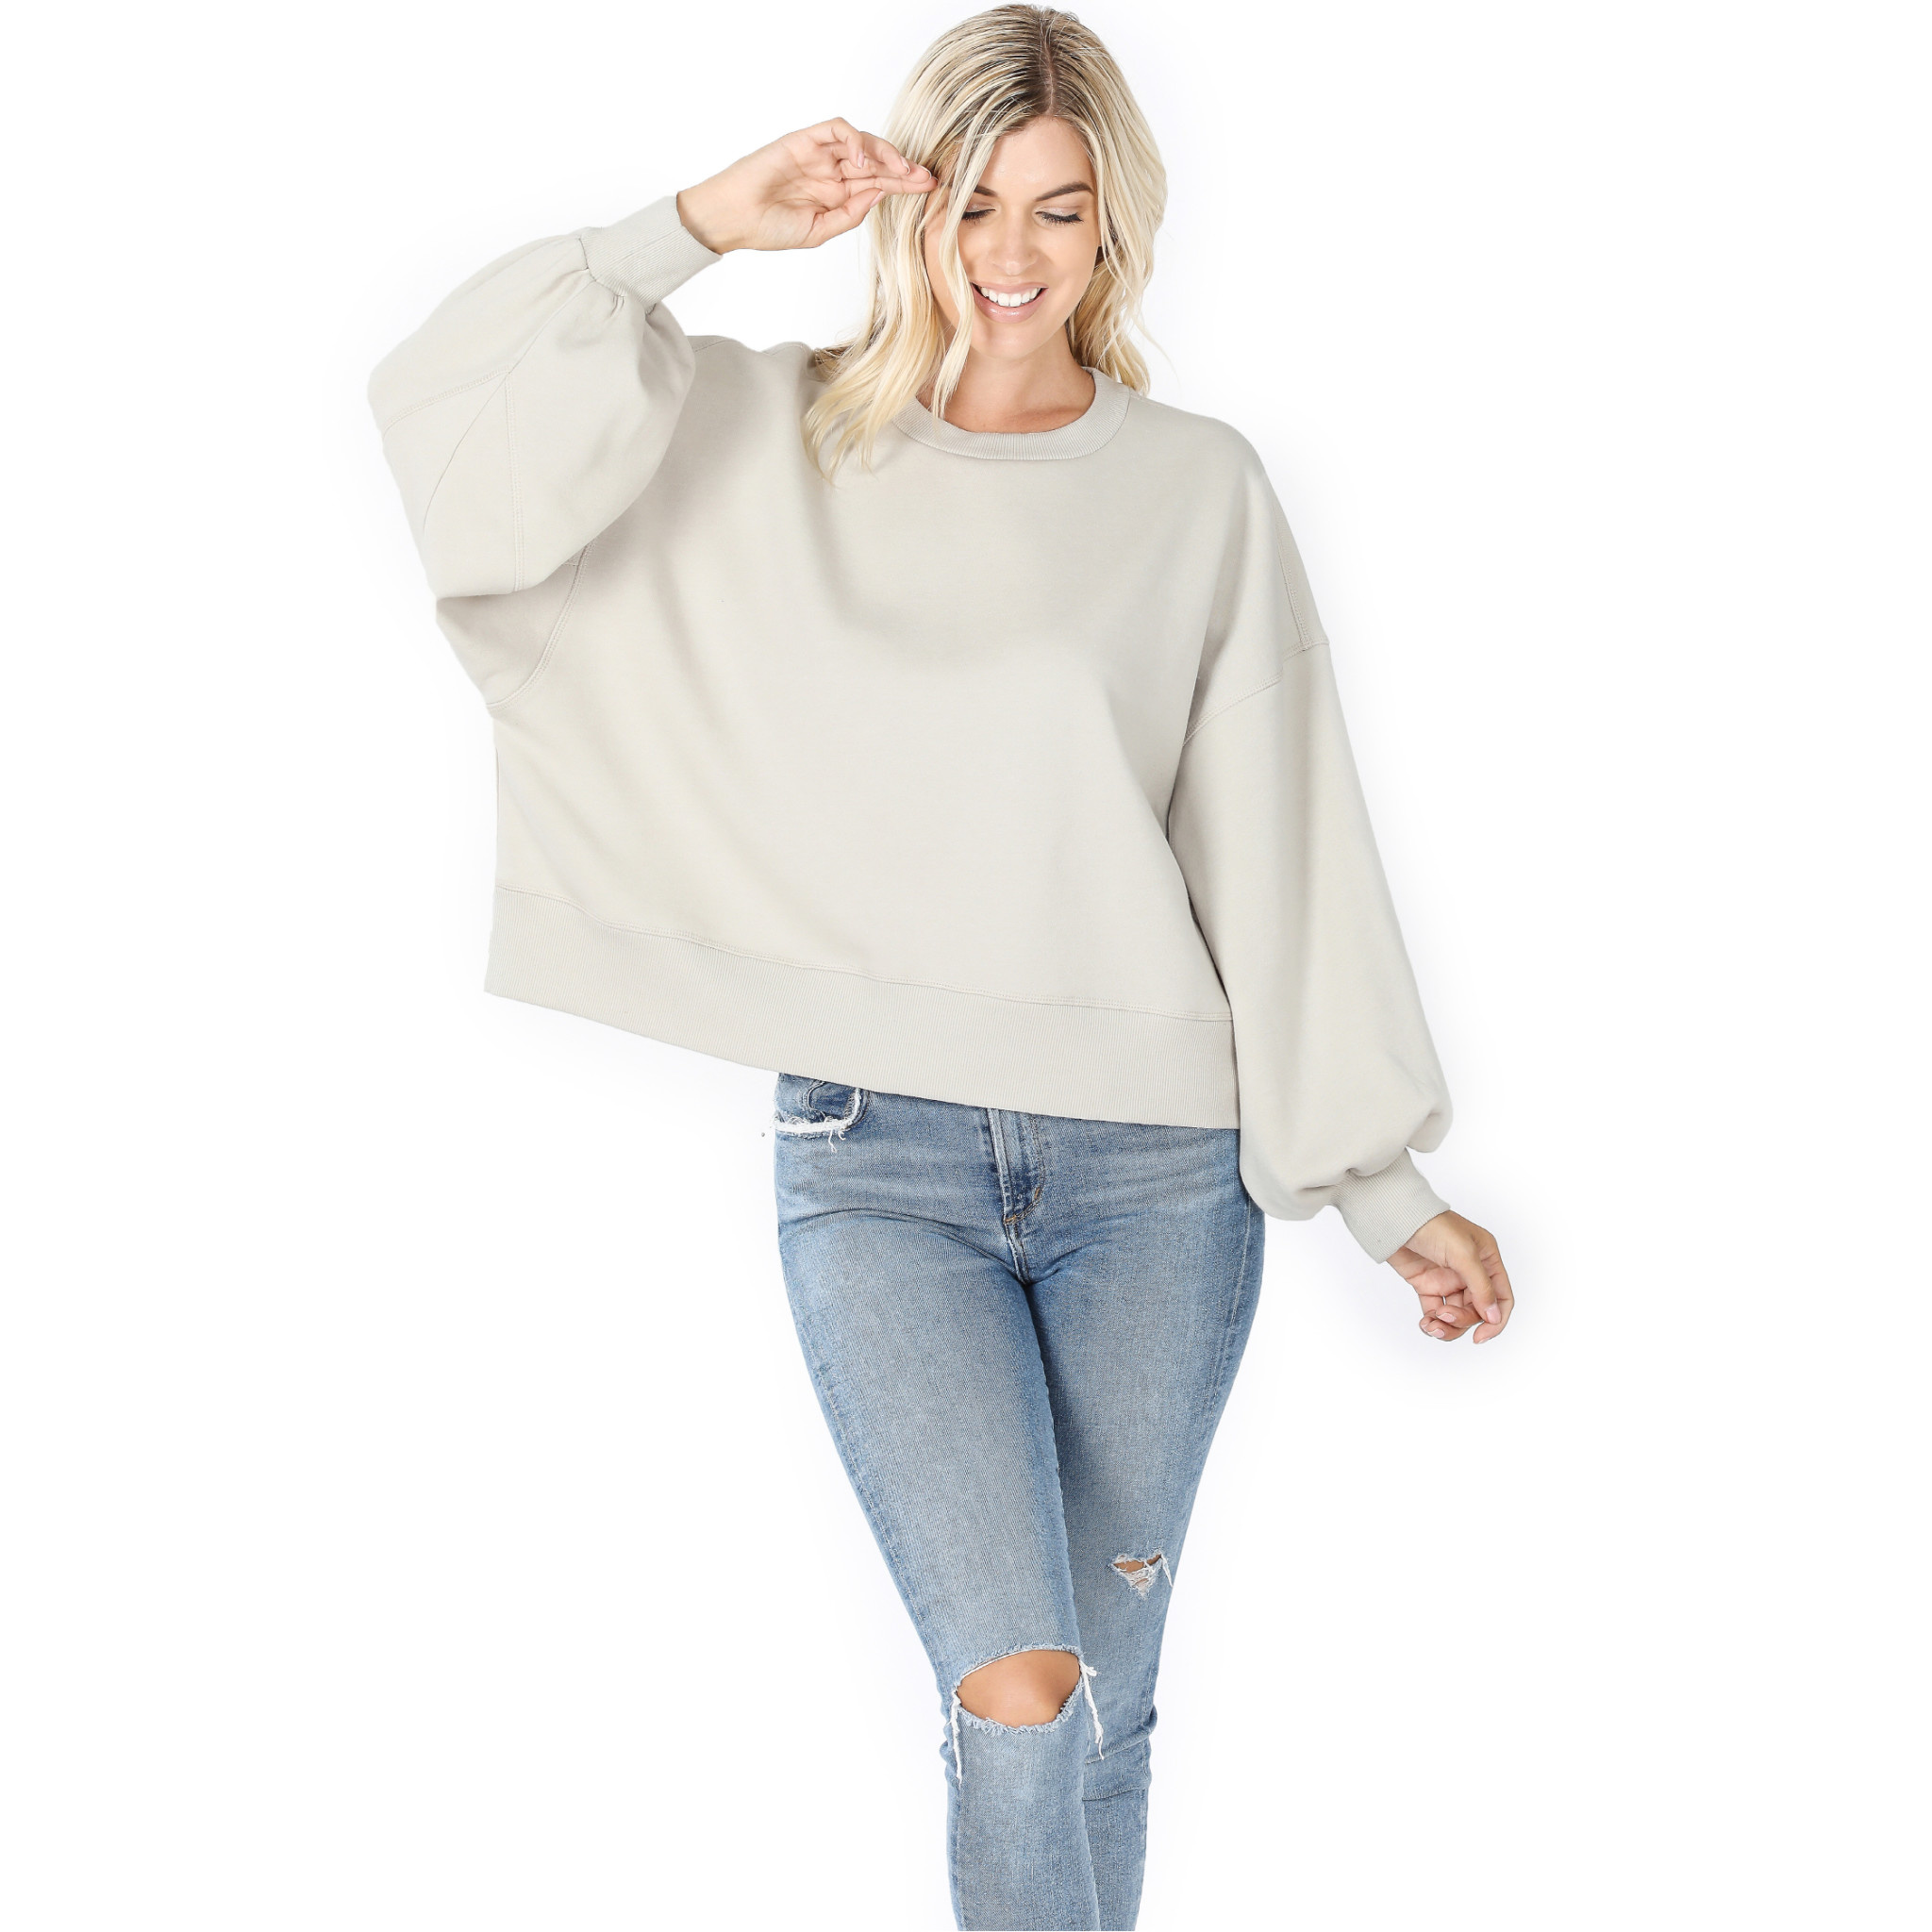 Fleurish Home Balloon Sleeve Sweatshirt